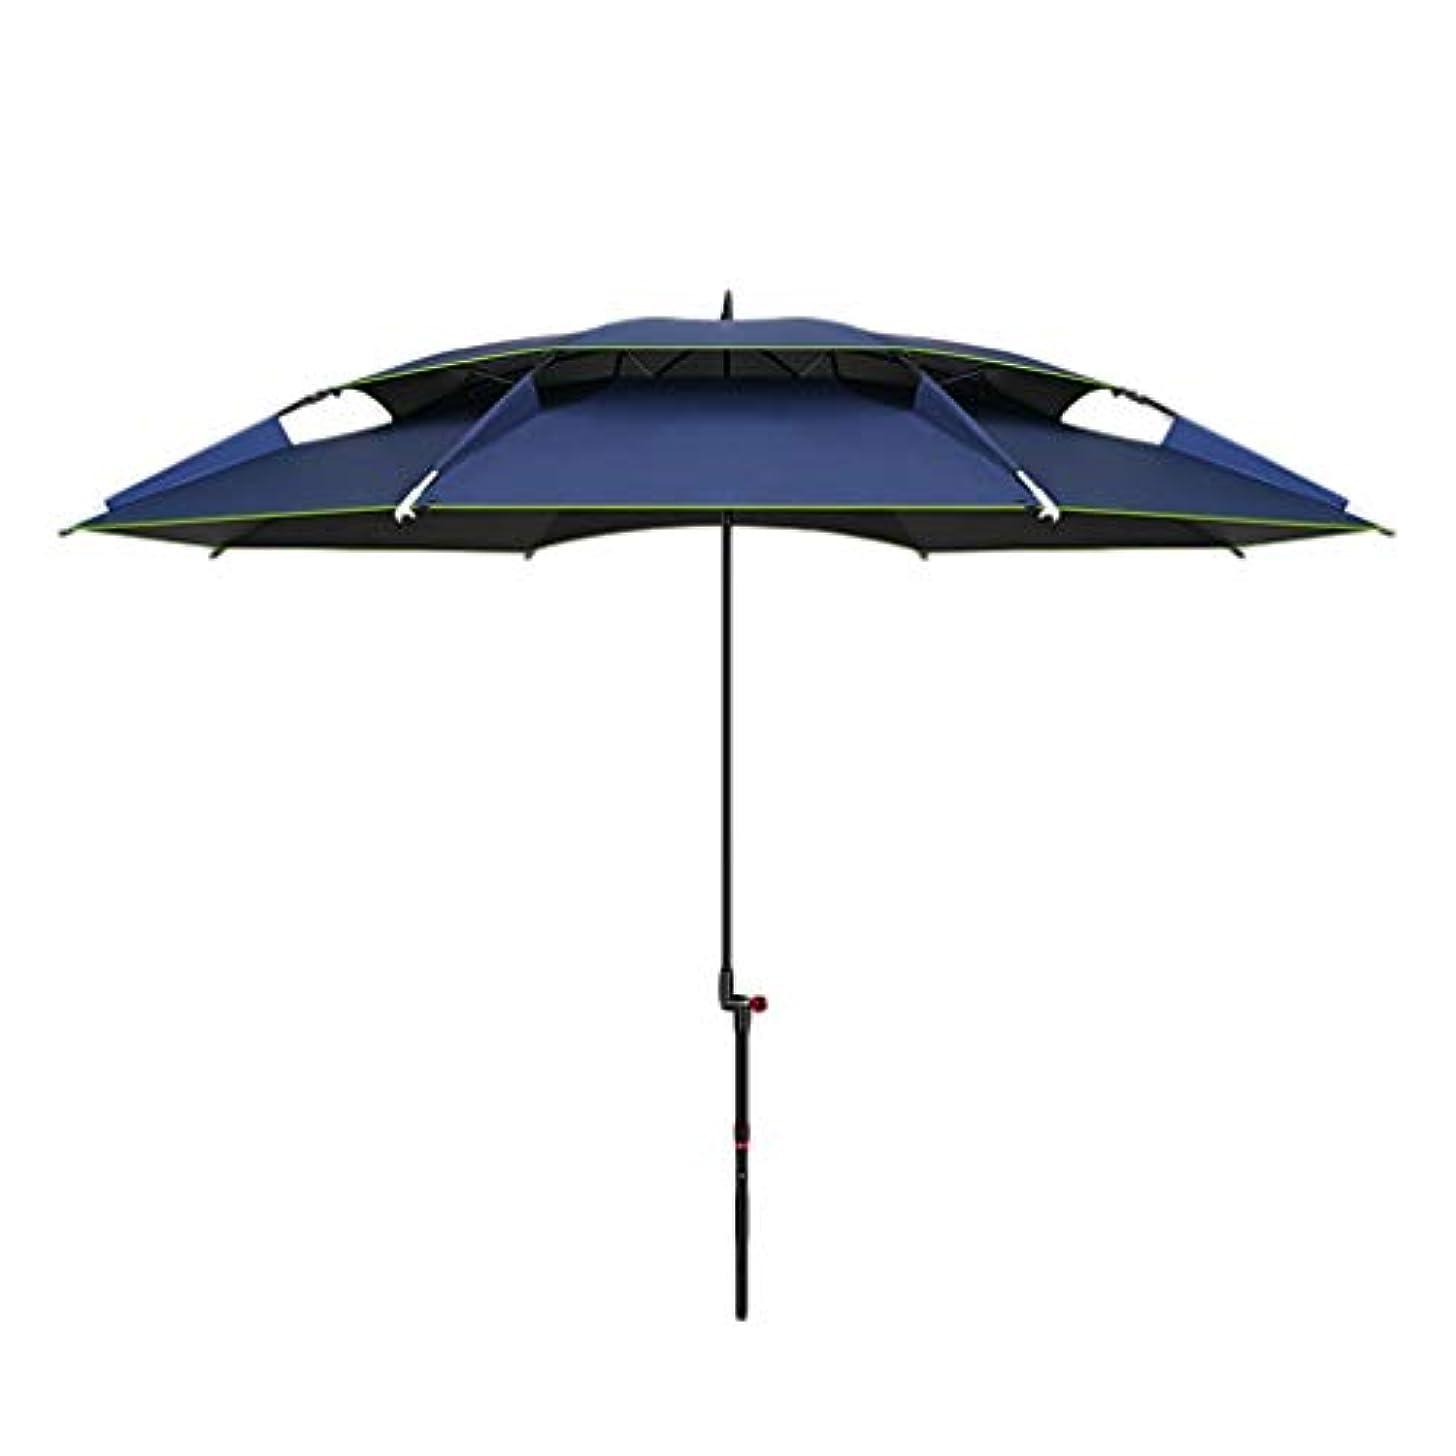 口述する入力滅多太陽傘アルミ合金黒ガム布日焼け止め雨折りたたみ傘屋外サンシェード傘 (Size : H2.1m)